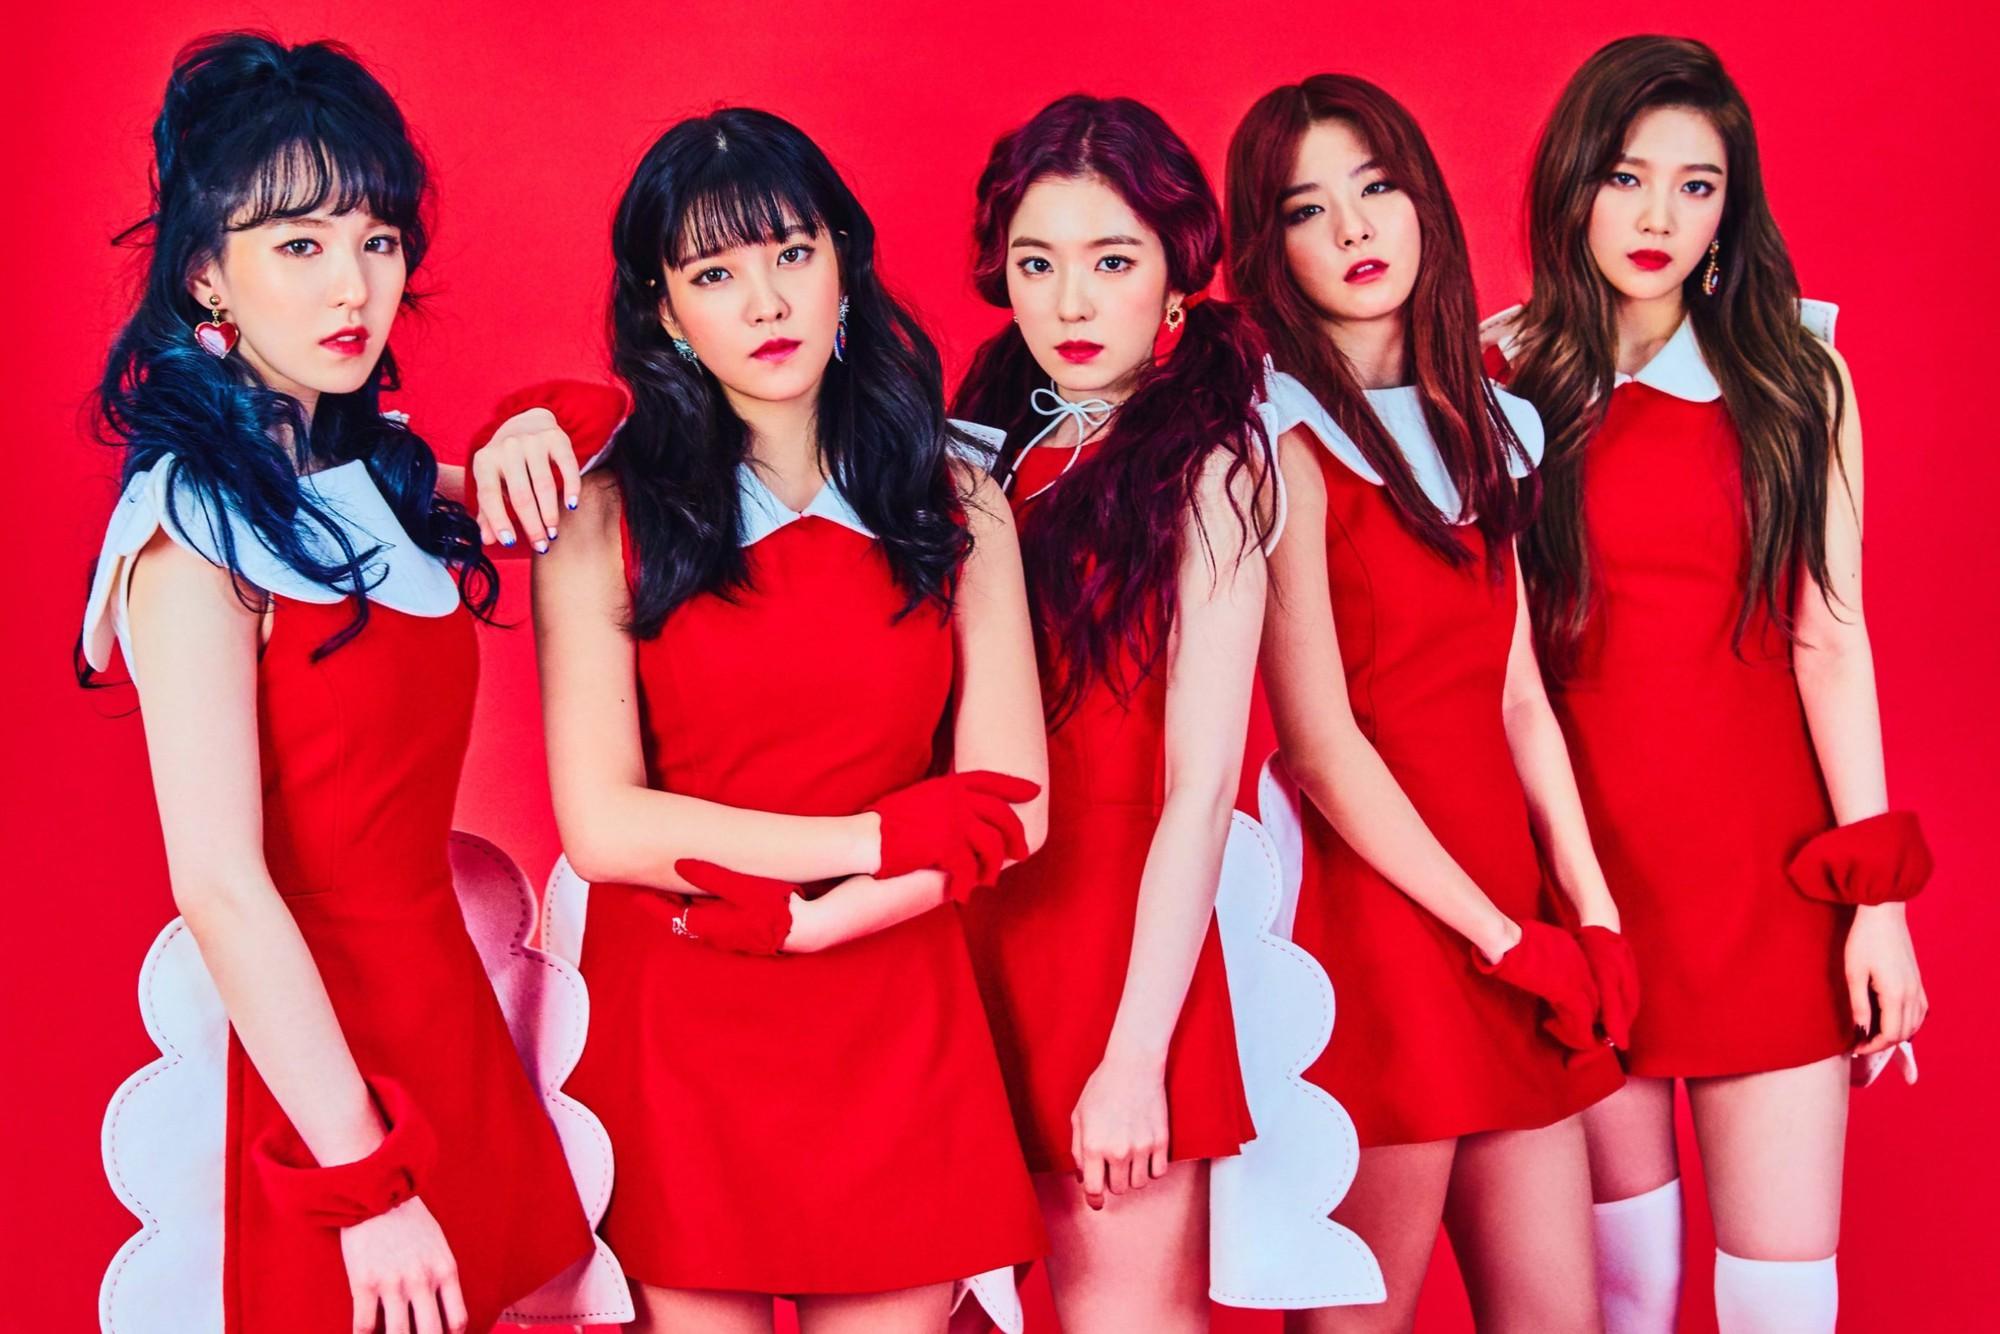 BXH những album cũ bán chạy nhất của các girlgroup Kpop lộ diện, tiếc nuối cho nhóm nhạc xếp vị trí thứ 3 - Ảnh 4.